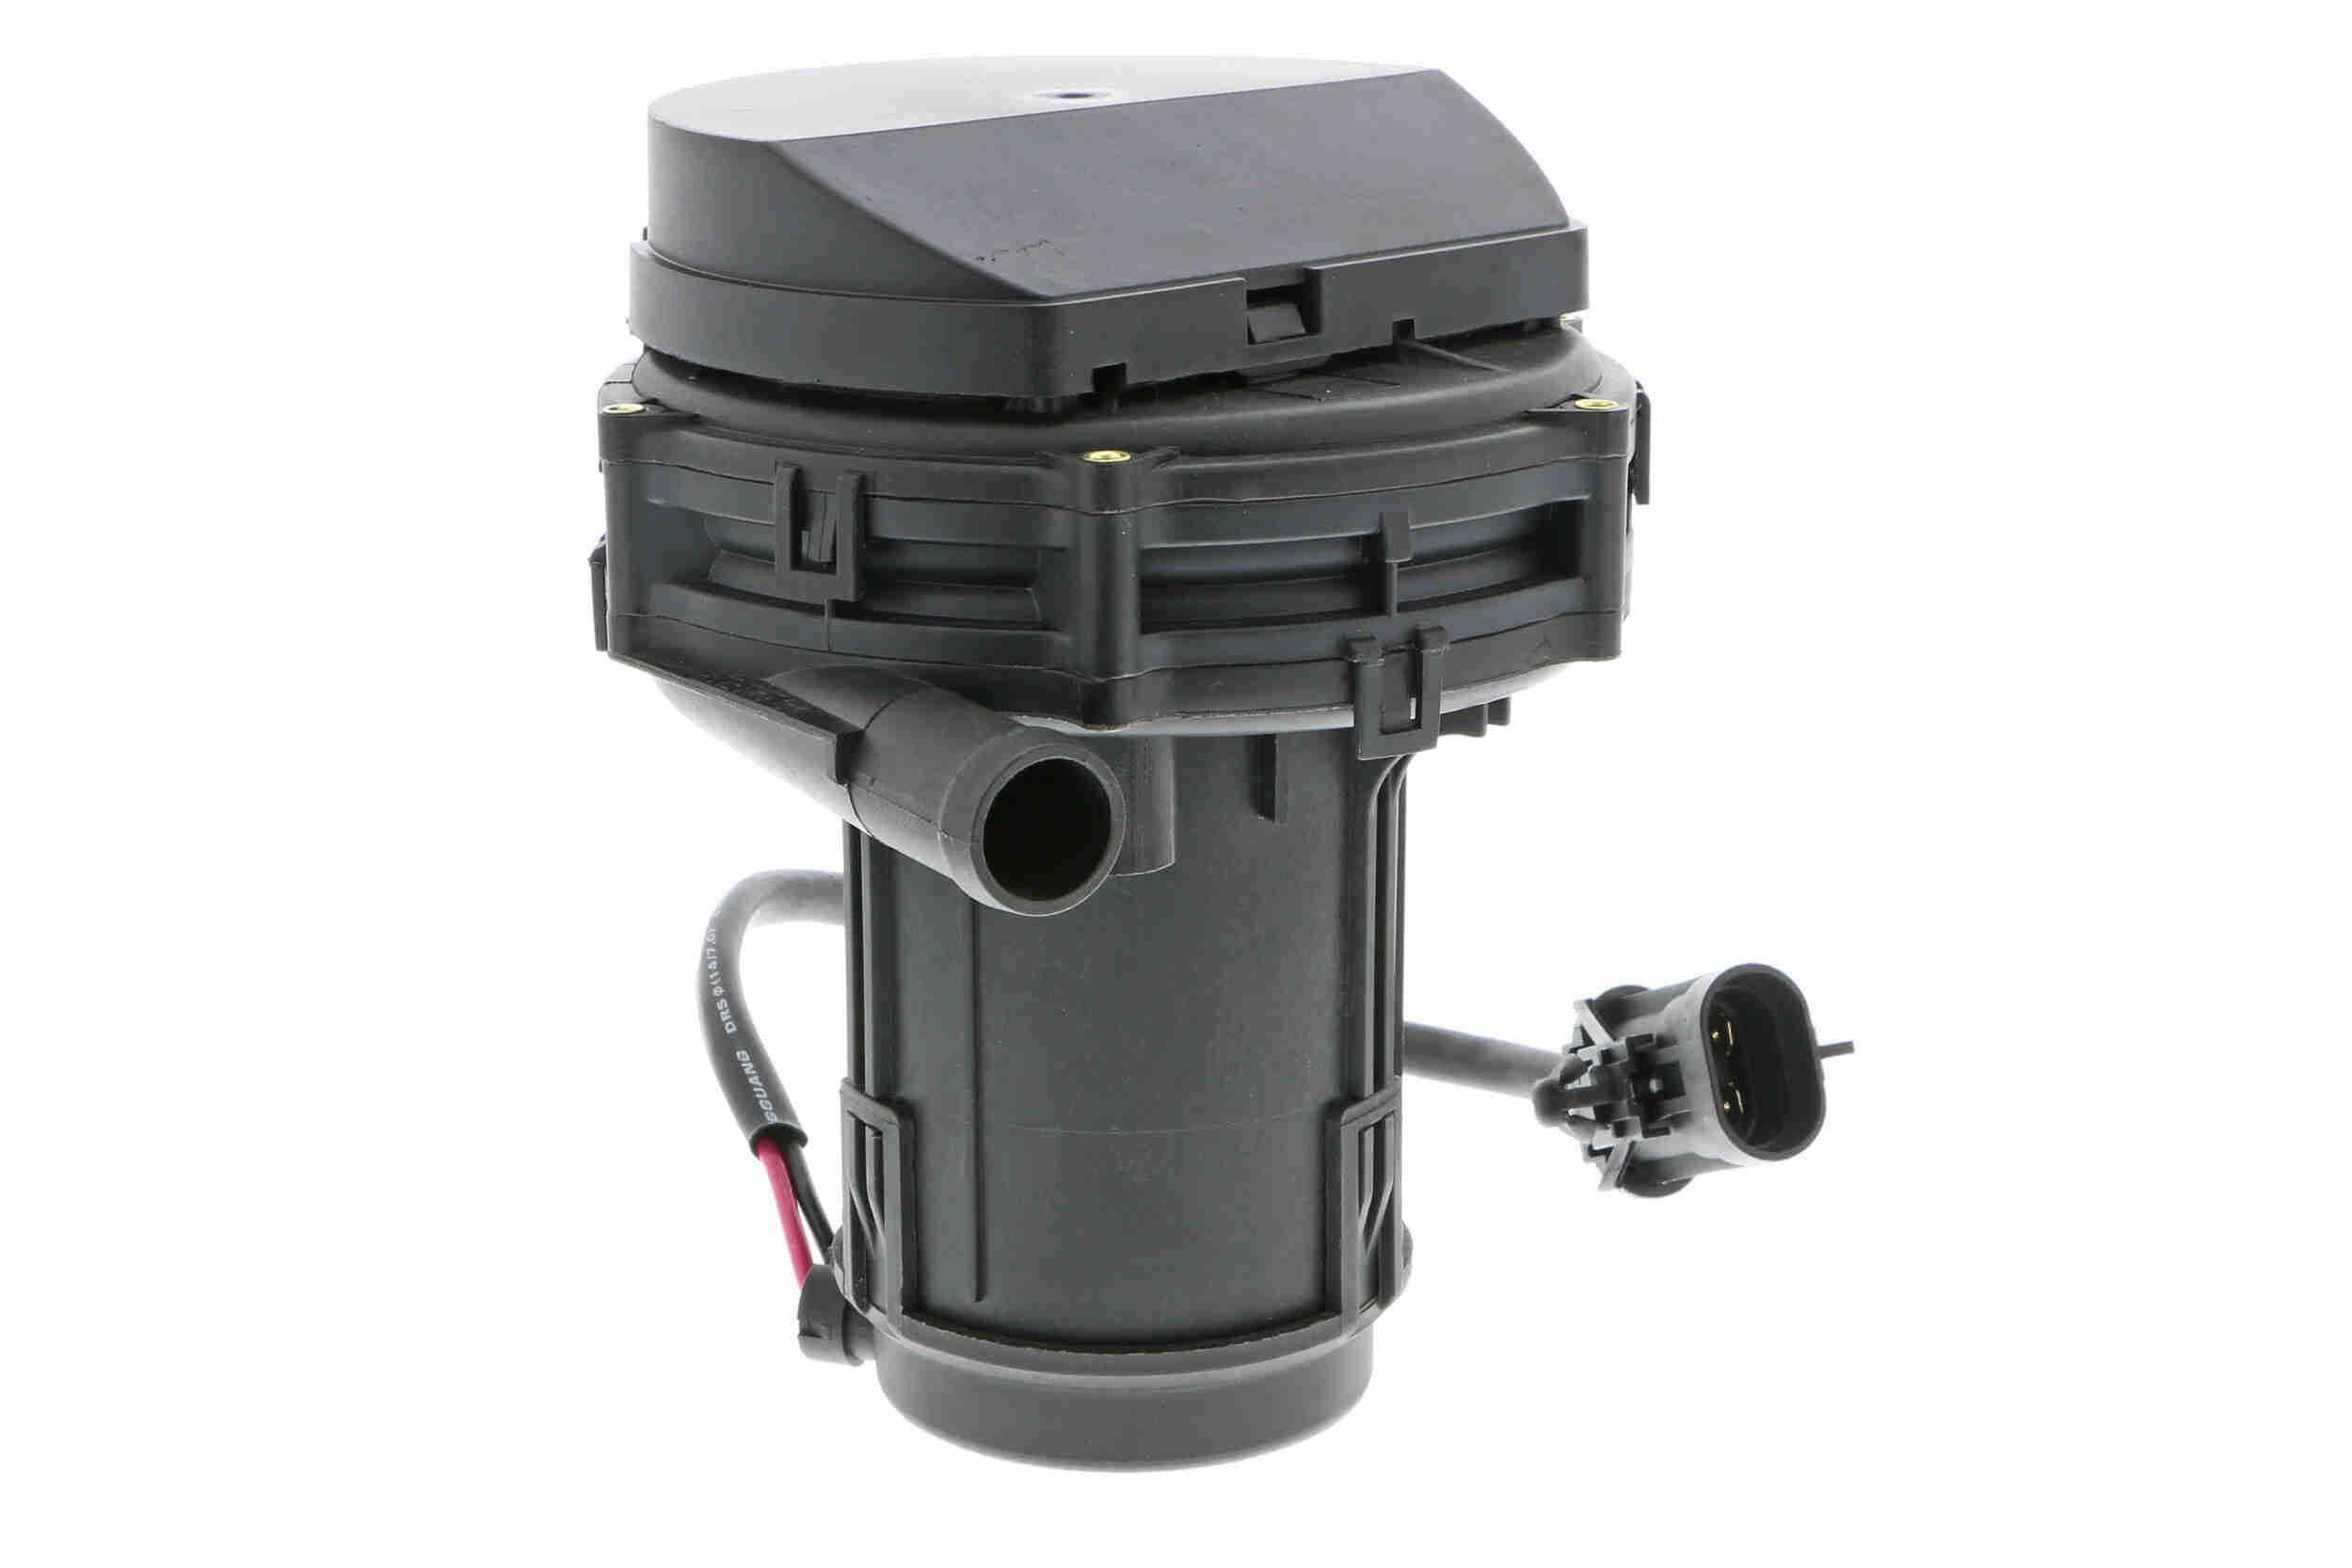 OPEL SENATOR Sekundärluftpumpenmodul - Original VEMO V40-63-0051